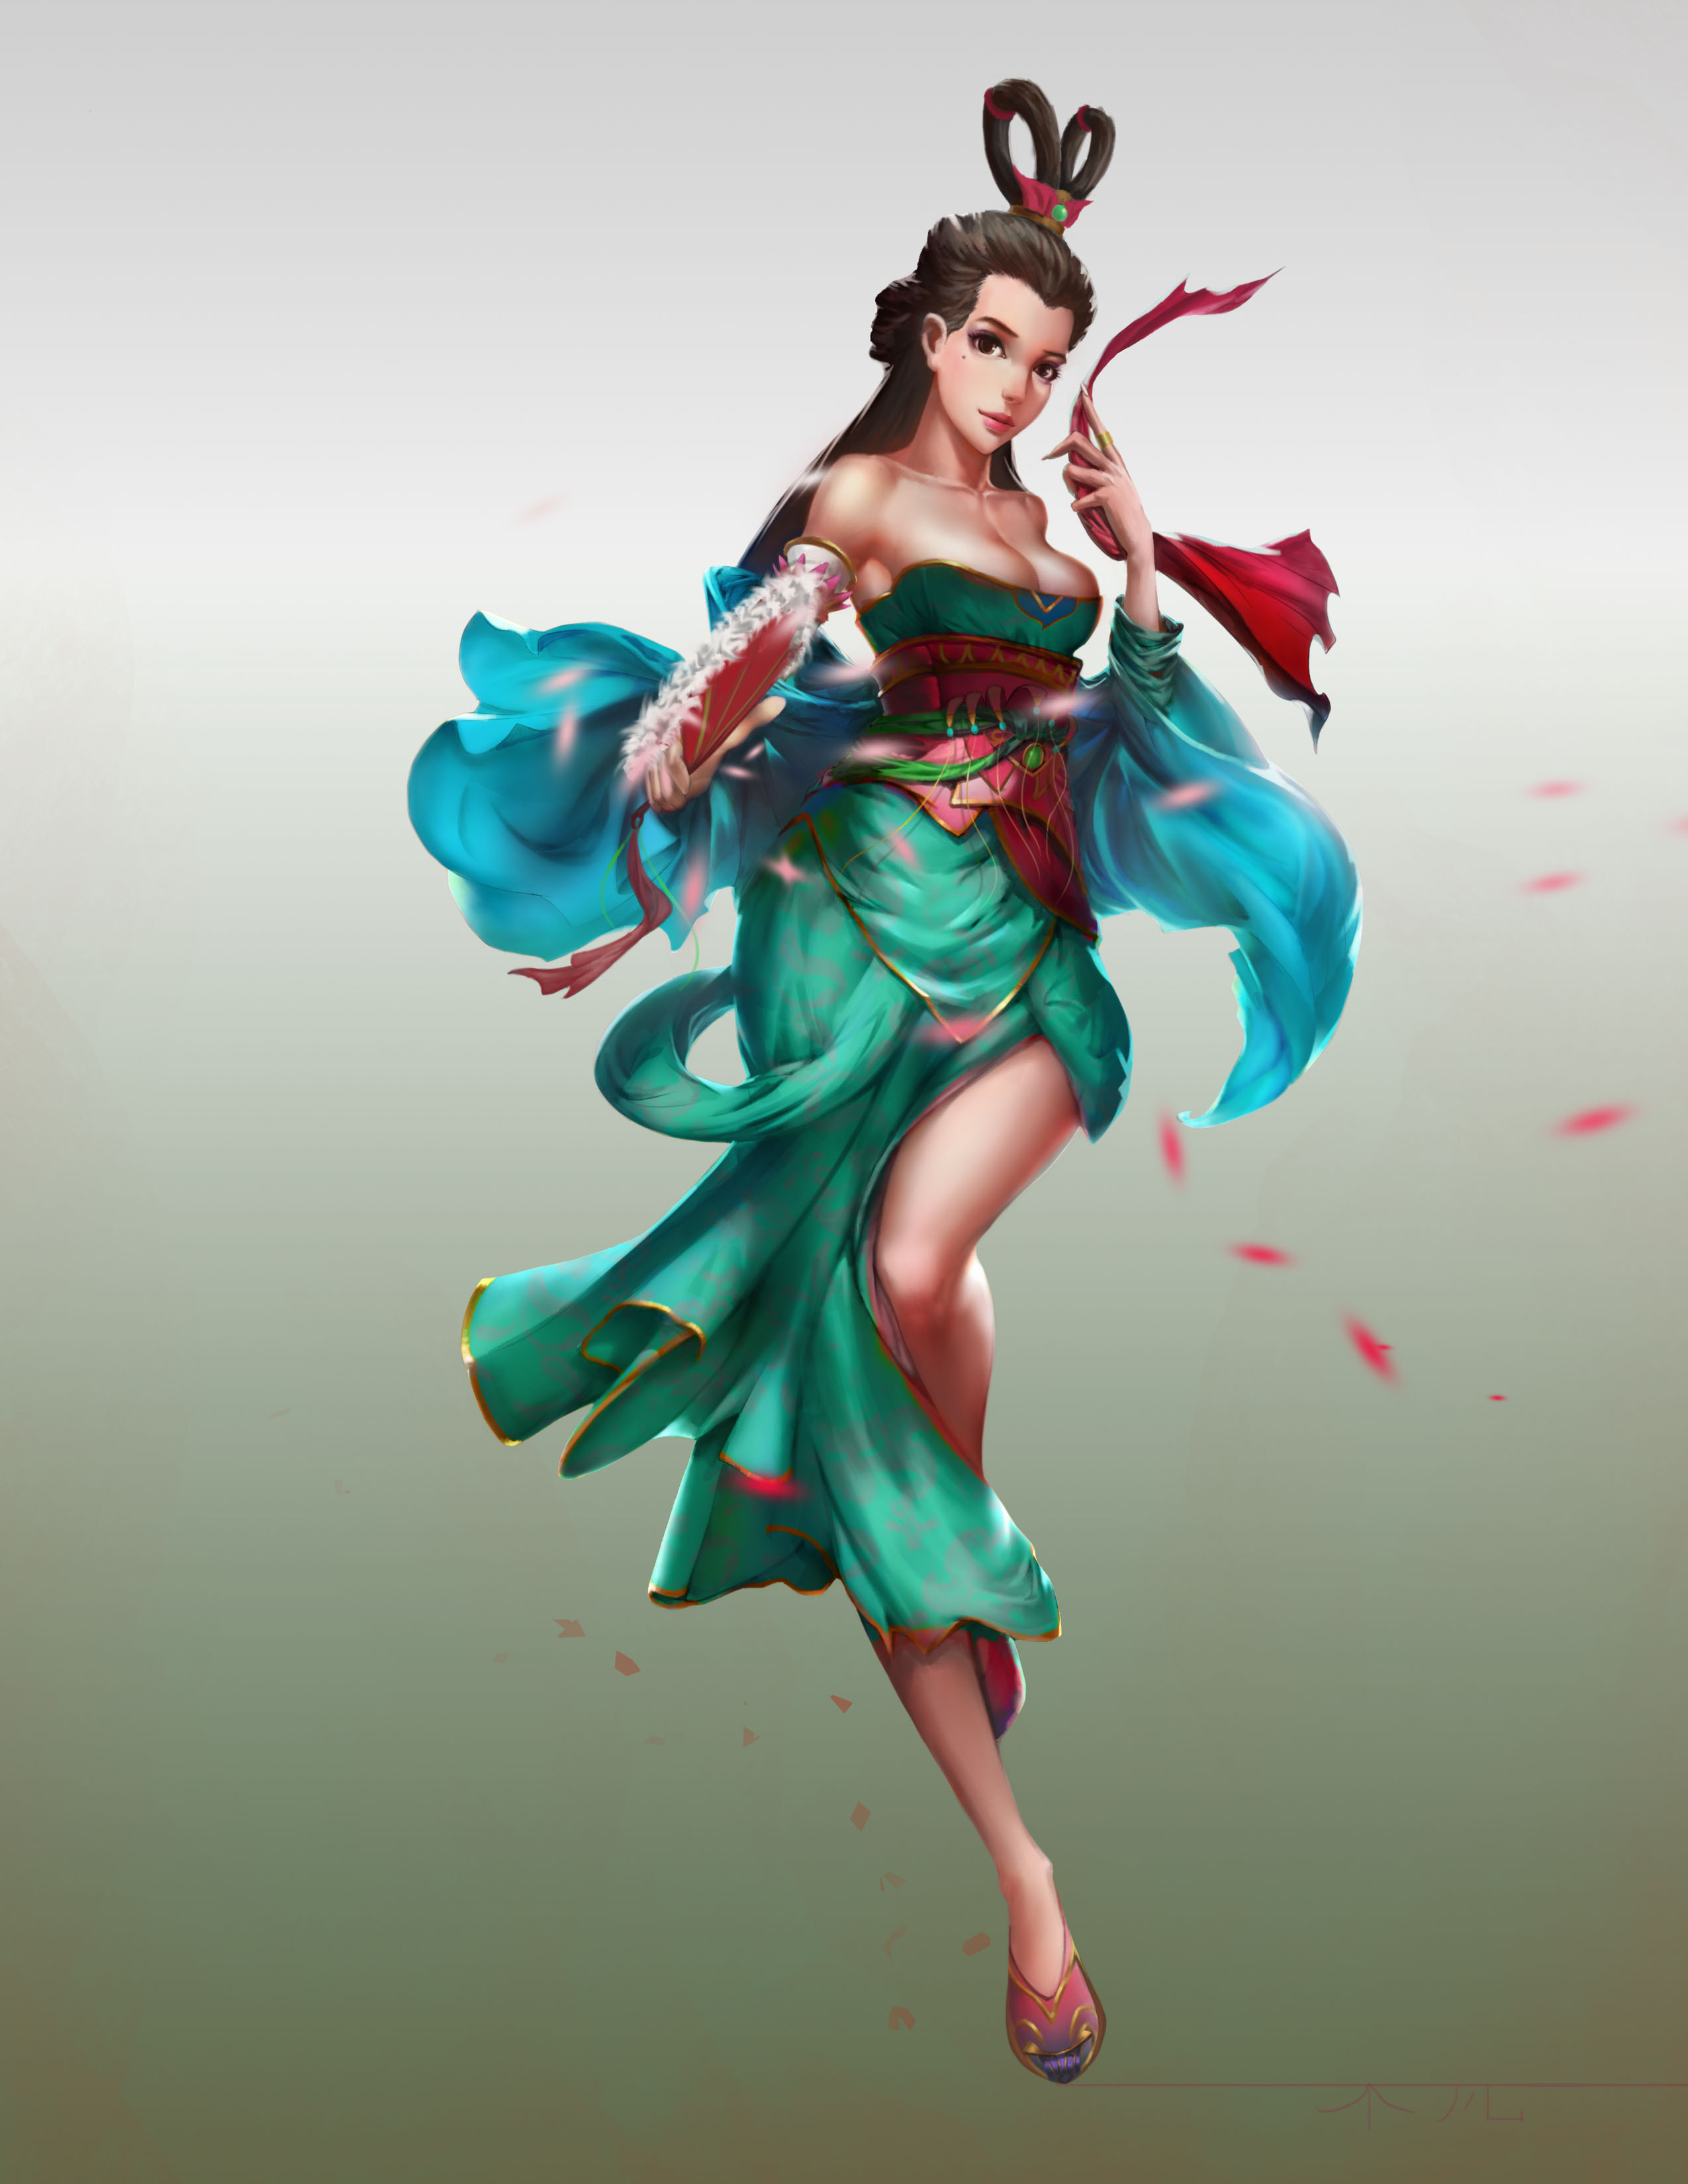 日本舞姬 原画设定 仙女 美女 游戏原画